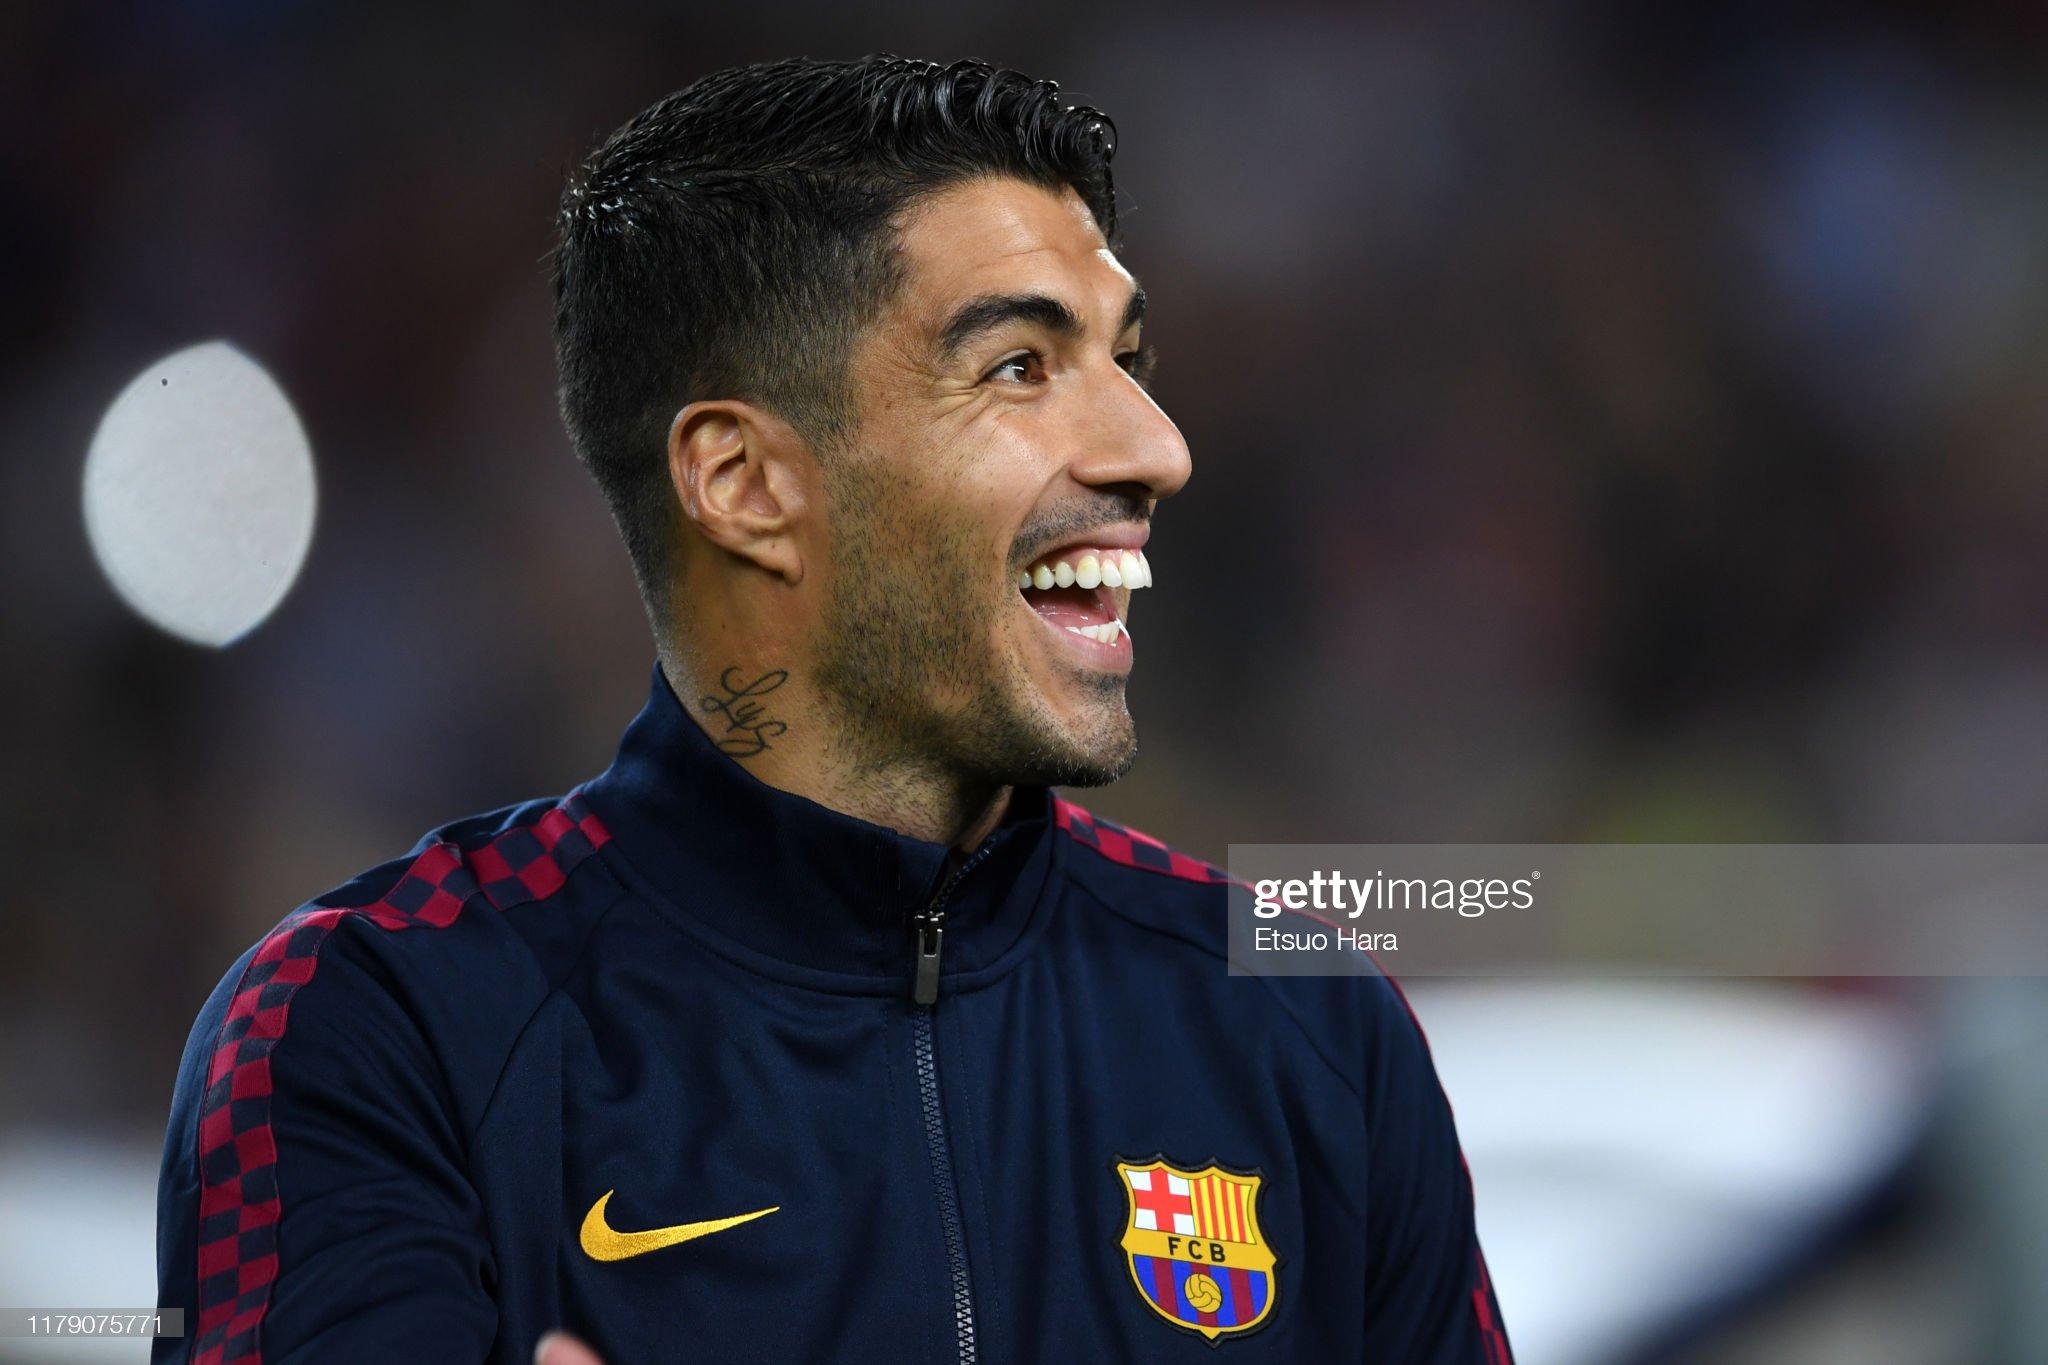 صور مباراة : برشلونة - إنتر 2-1 ( 02-10-2019 )  Luis-suarez-of-fc-barcelona-smiles-prior-to-the-uefa-champions-league-picture-id1179075771?s=2048x2048